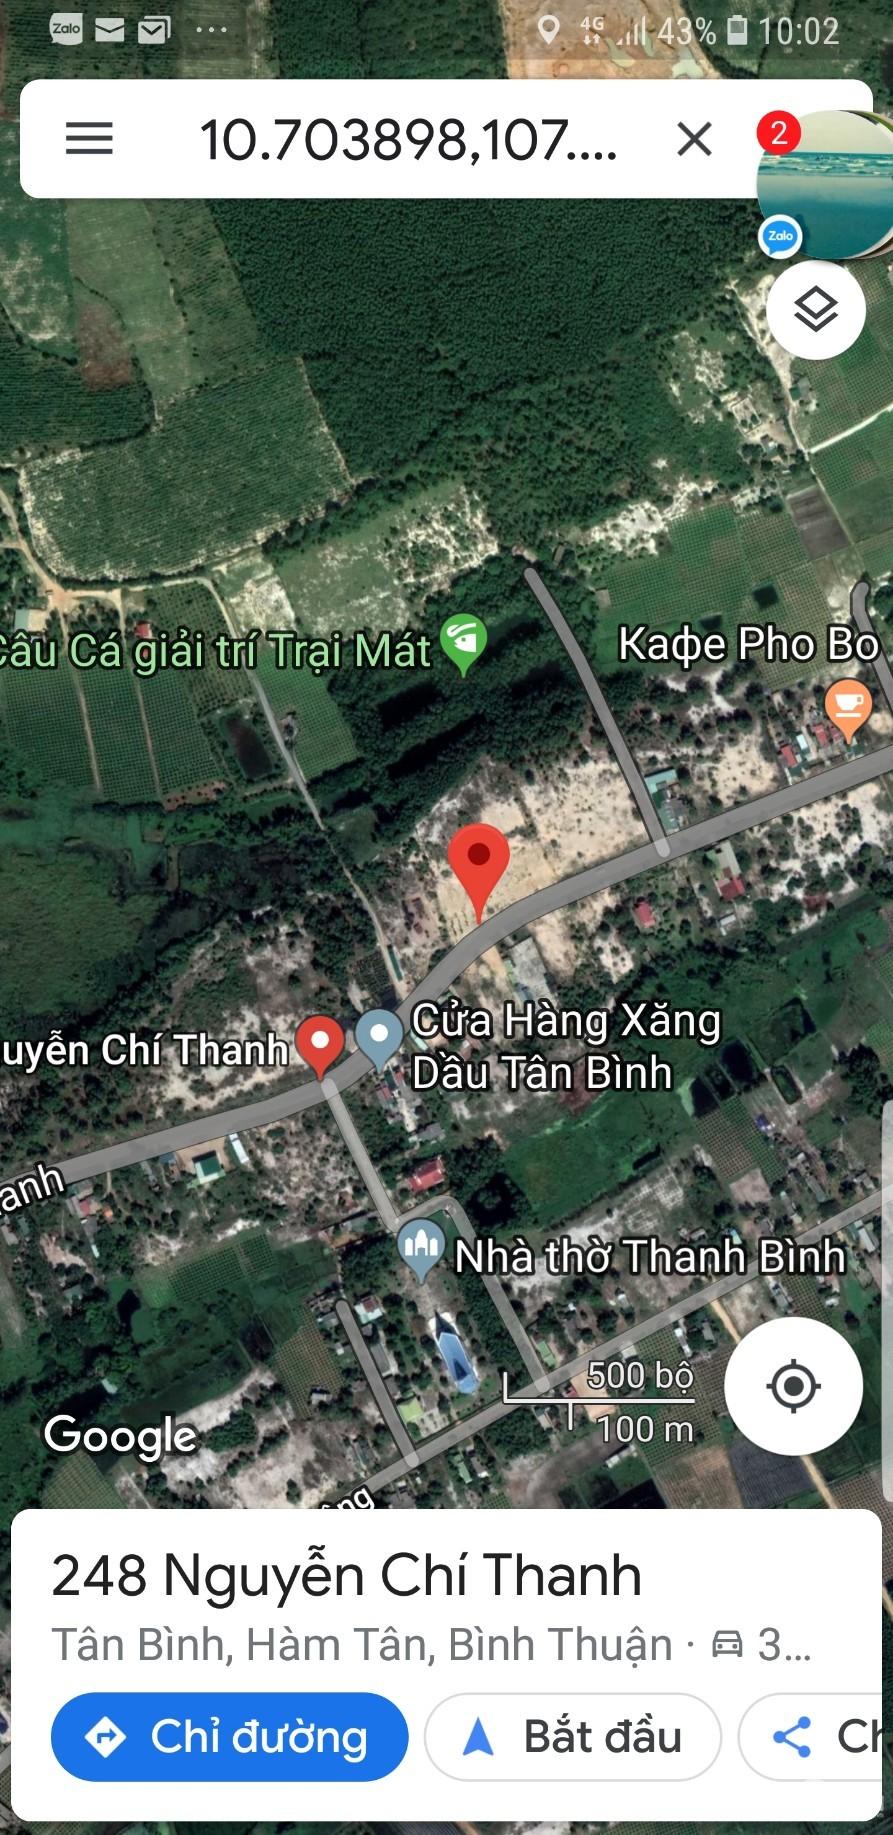 Bán 2 lô đất đẹp Hồ Tôm và Nguyễn Chí Thanh, TX Lagi, giá tốt